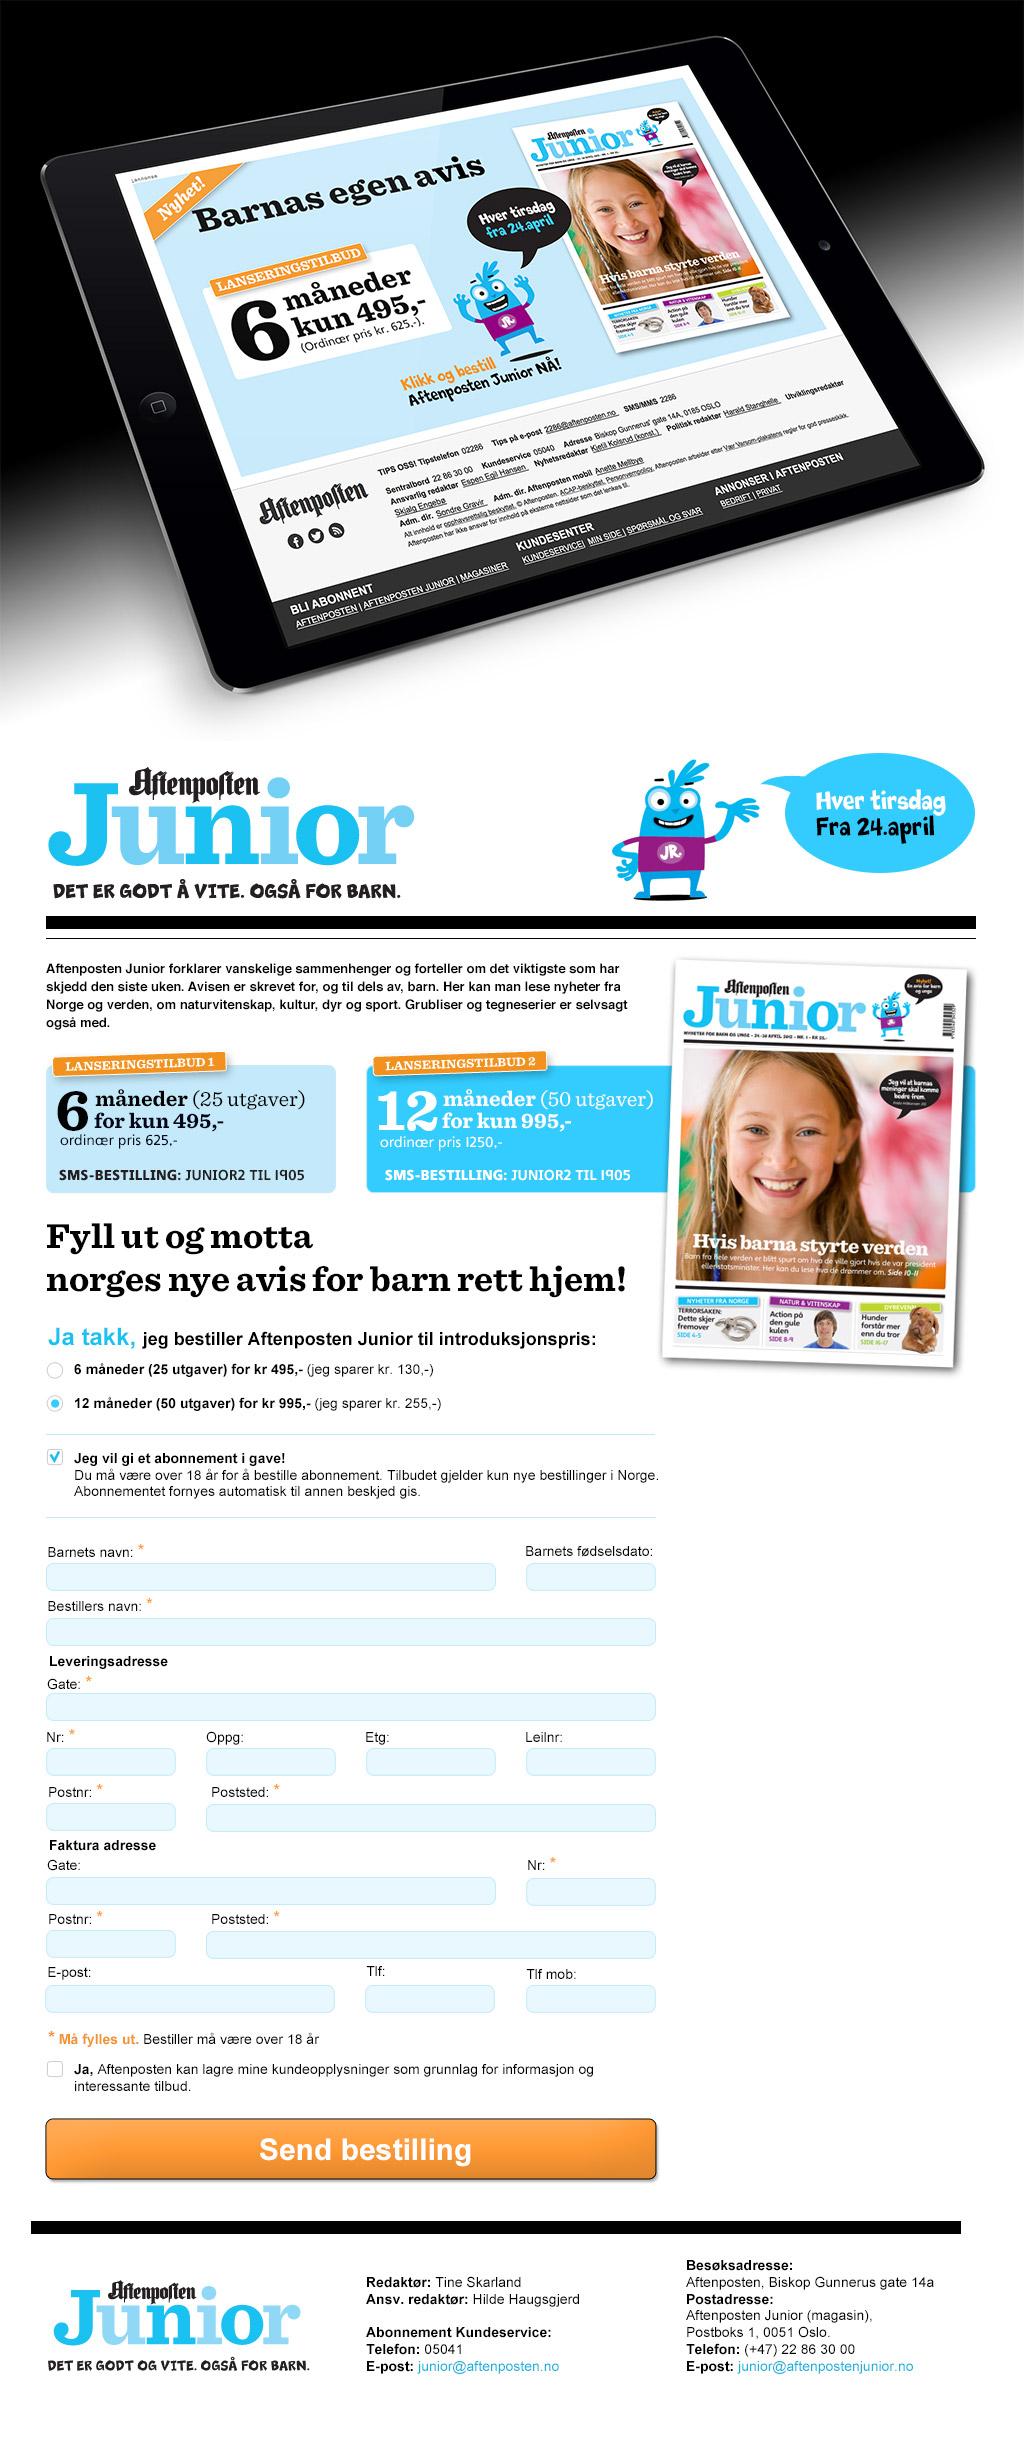 aftenposten-junior-01